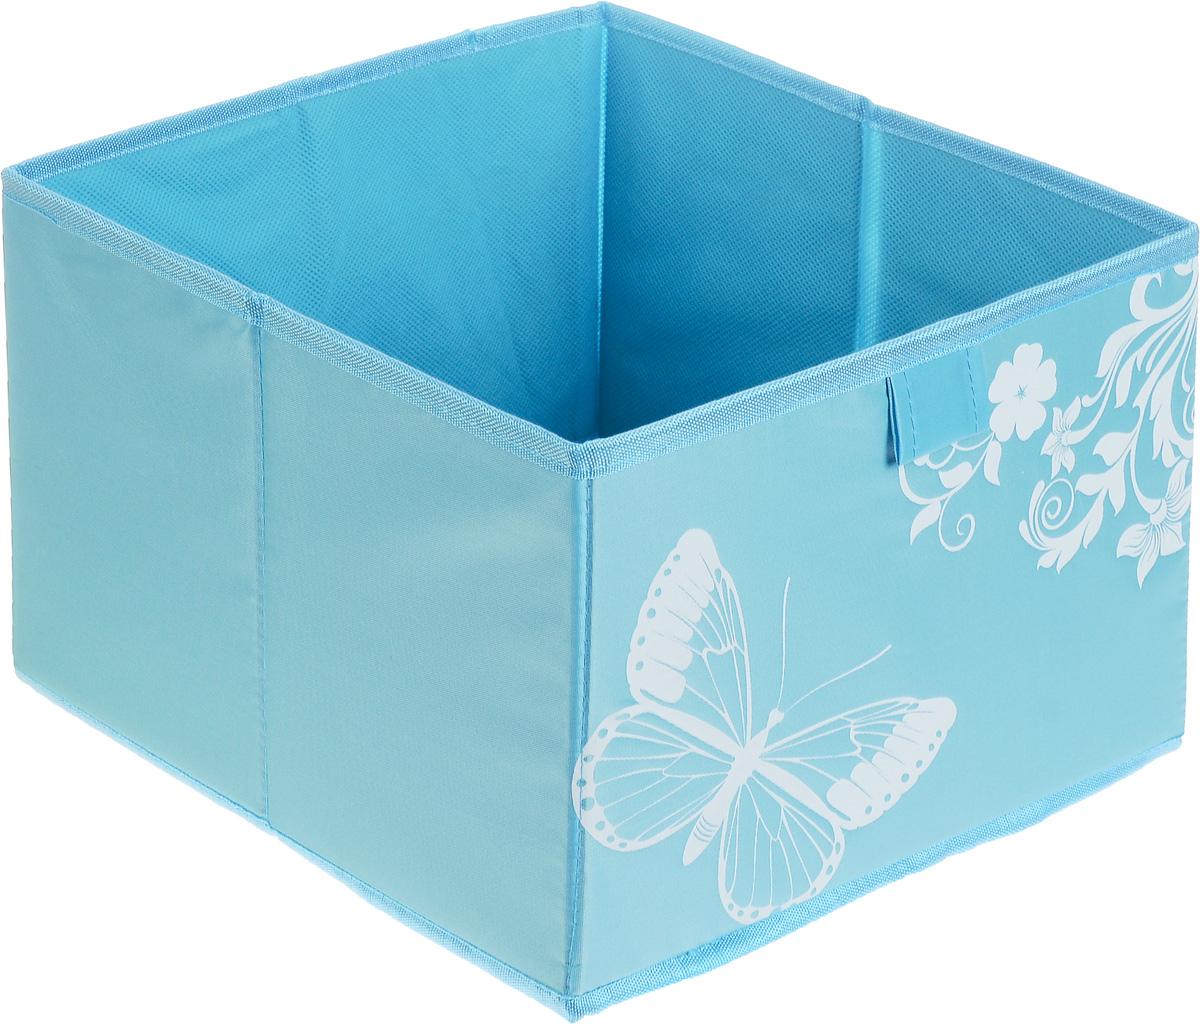 Коробка для хранения Hausmann Butterfly, цвет: голубой , 28 x 27 x 20 см4P-106-M4С_голубойКоробка для хранения вещей Hausmann Butterfly поможет легко организовать пространство в шкафу или в гардеробе. Изделие выполнено из нетканого материала и полиэстера. Коробка держит форму благодаря жесткой вставке из картона, которая устанавливается на дно. Боковая поверхность оформлена красивым принтом с изображением бабочек. В такой коробке удобно хранить нижнее белье, ремни и различные аксессуары.